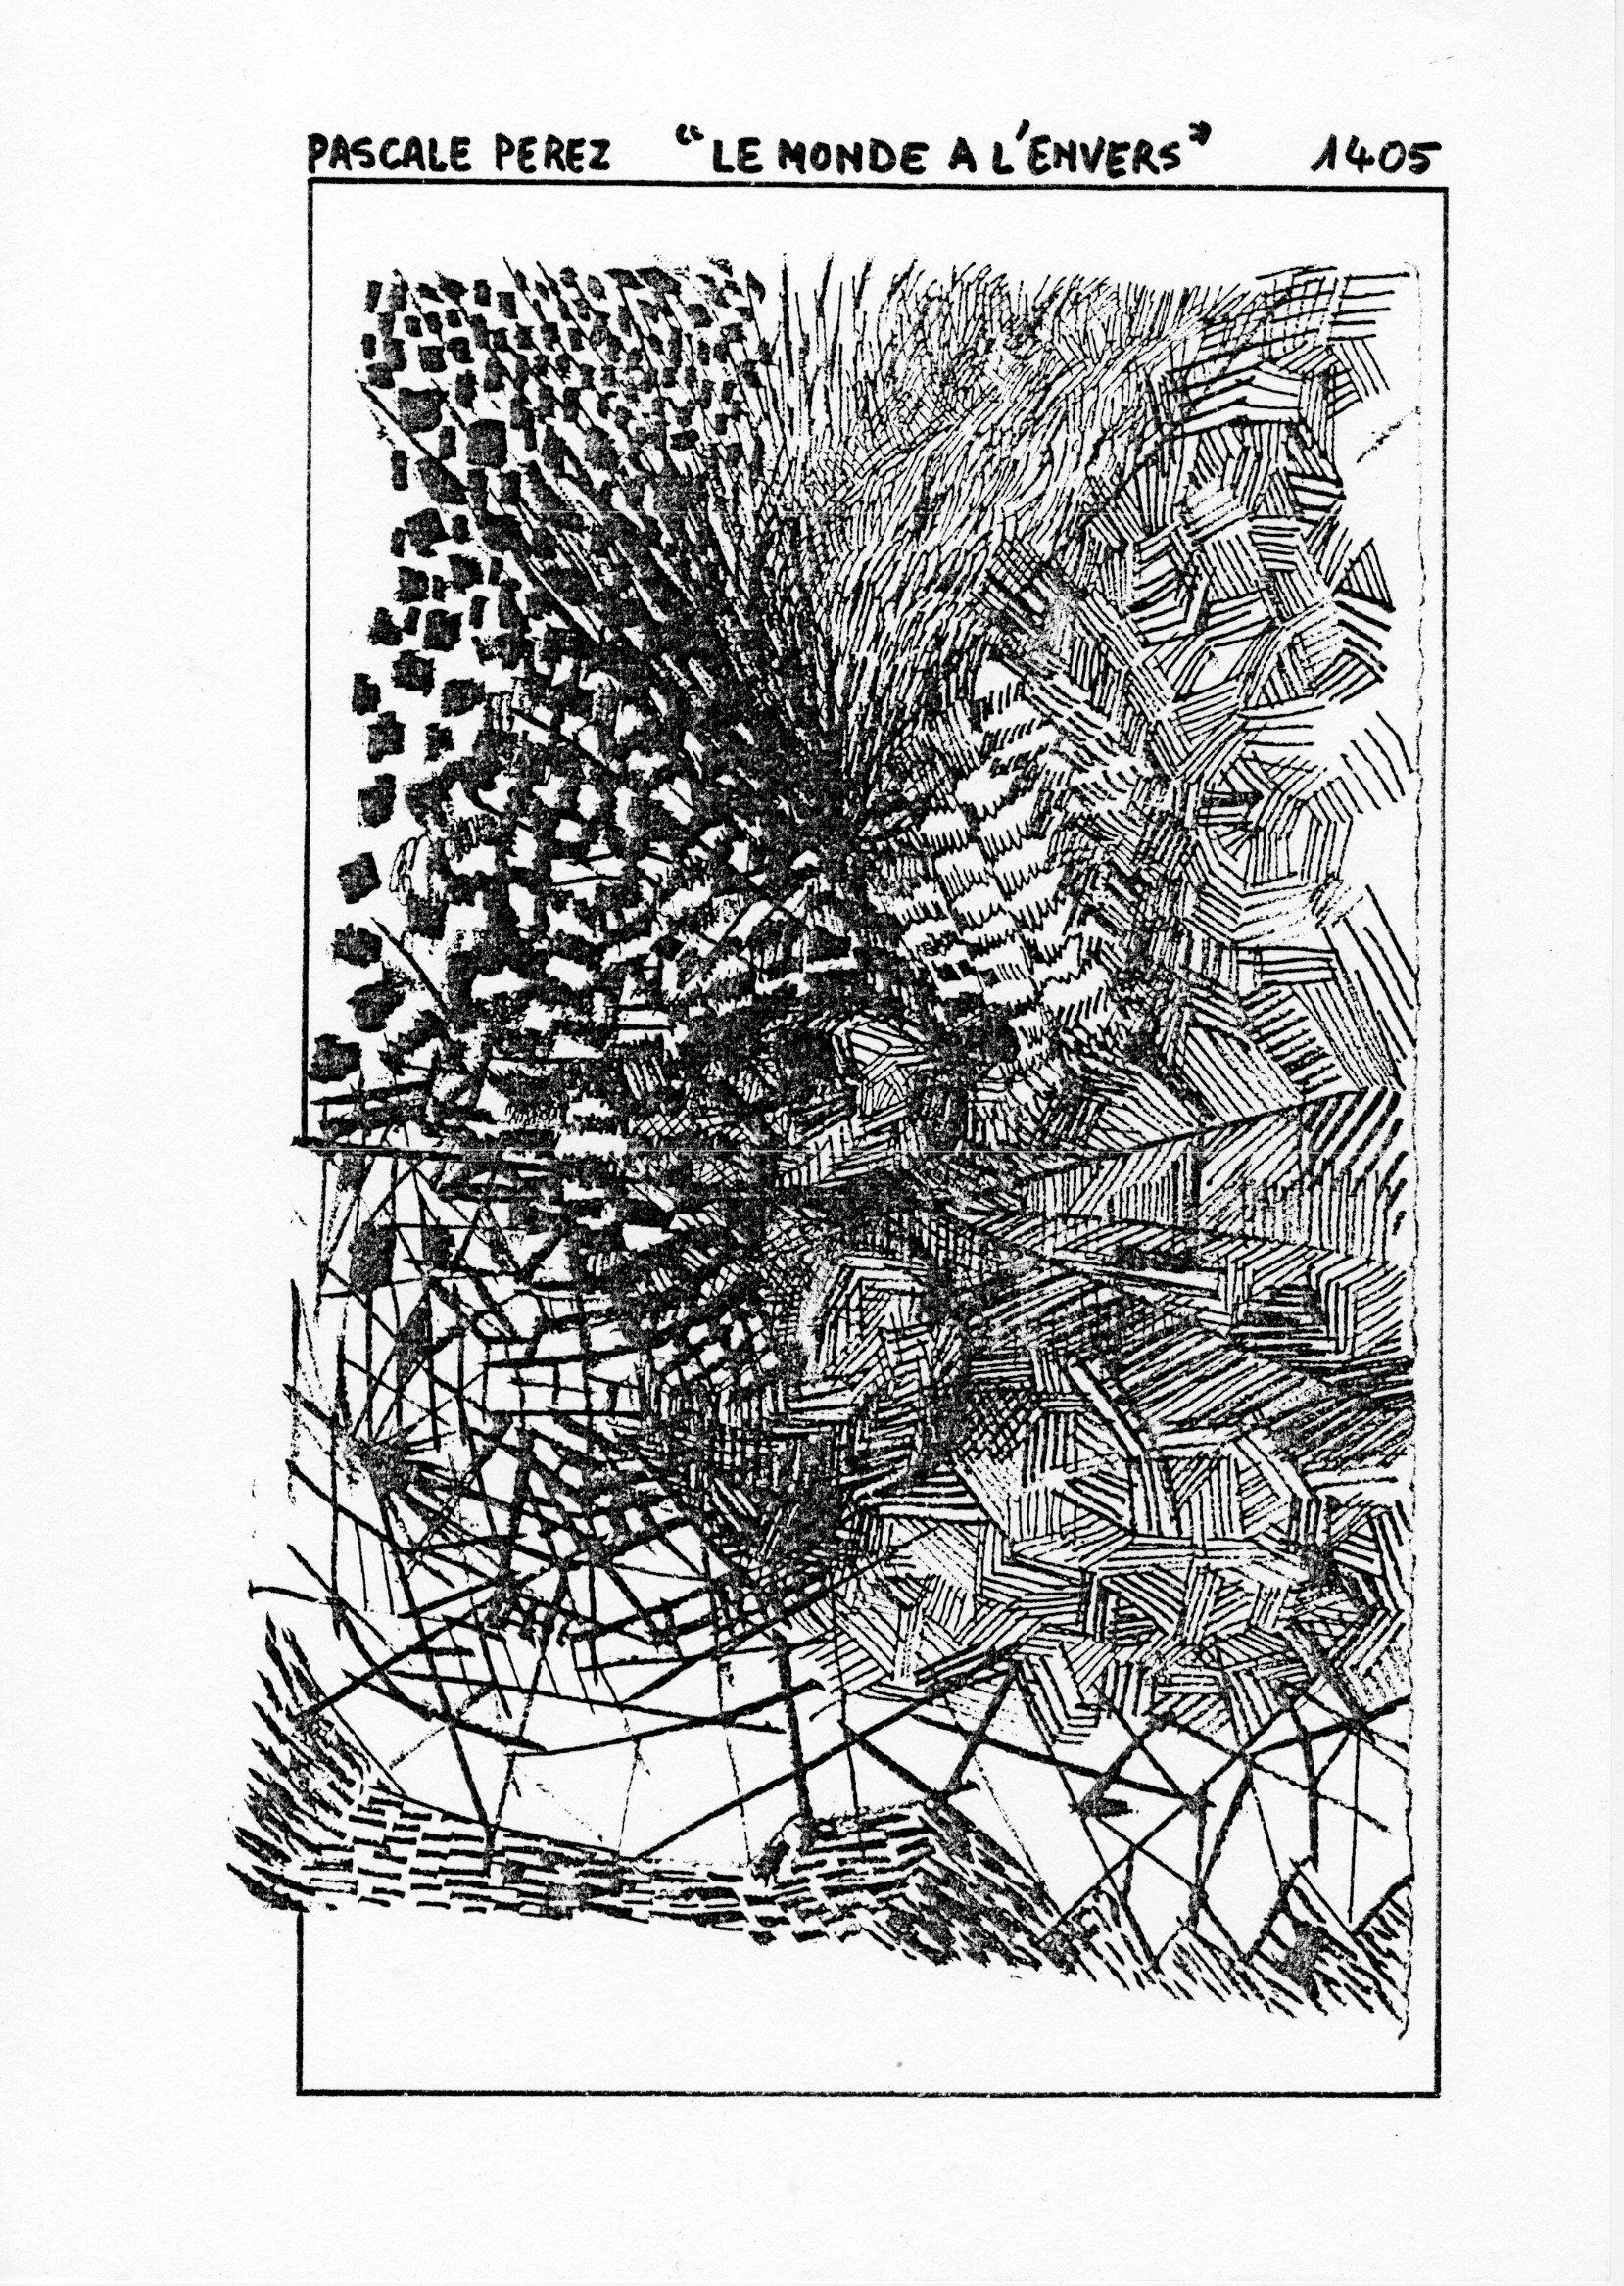 page 1405 P. Pérez LE MONDE A L'ENVERS